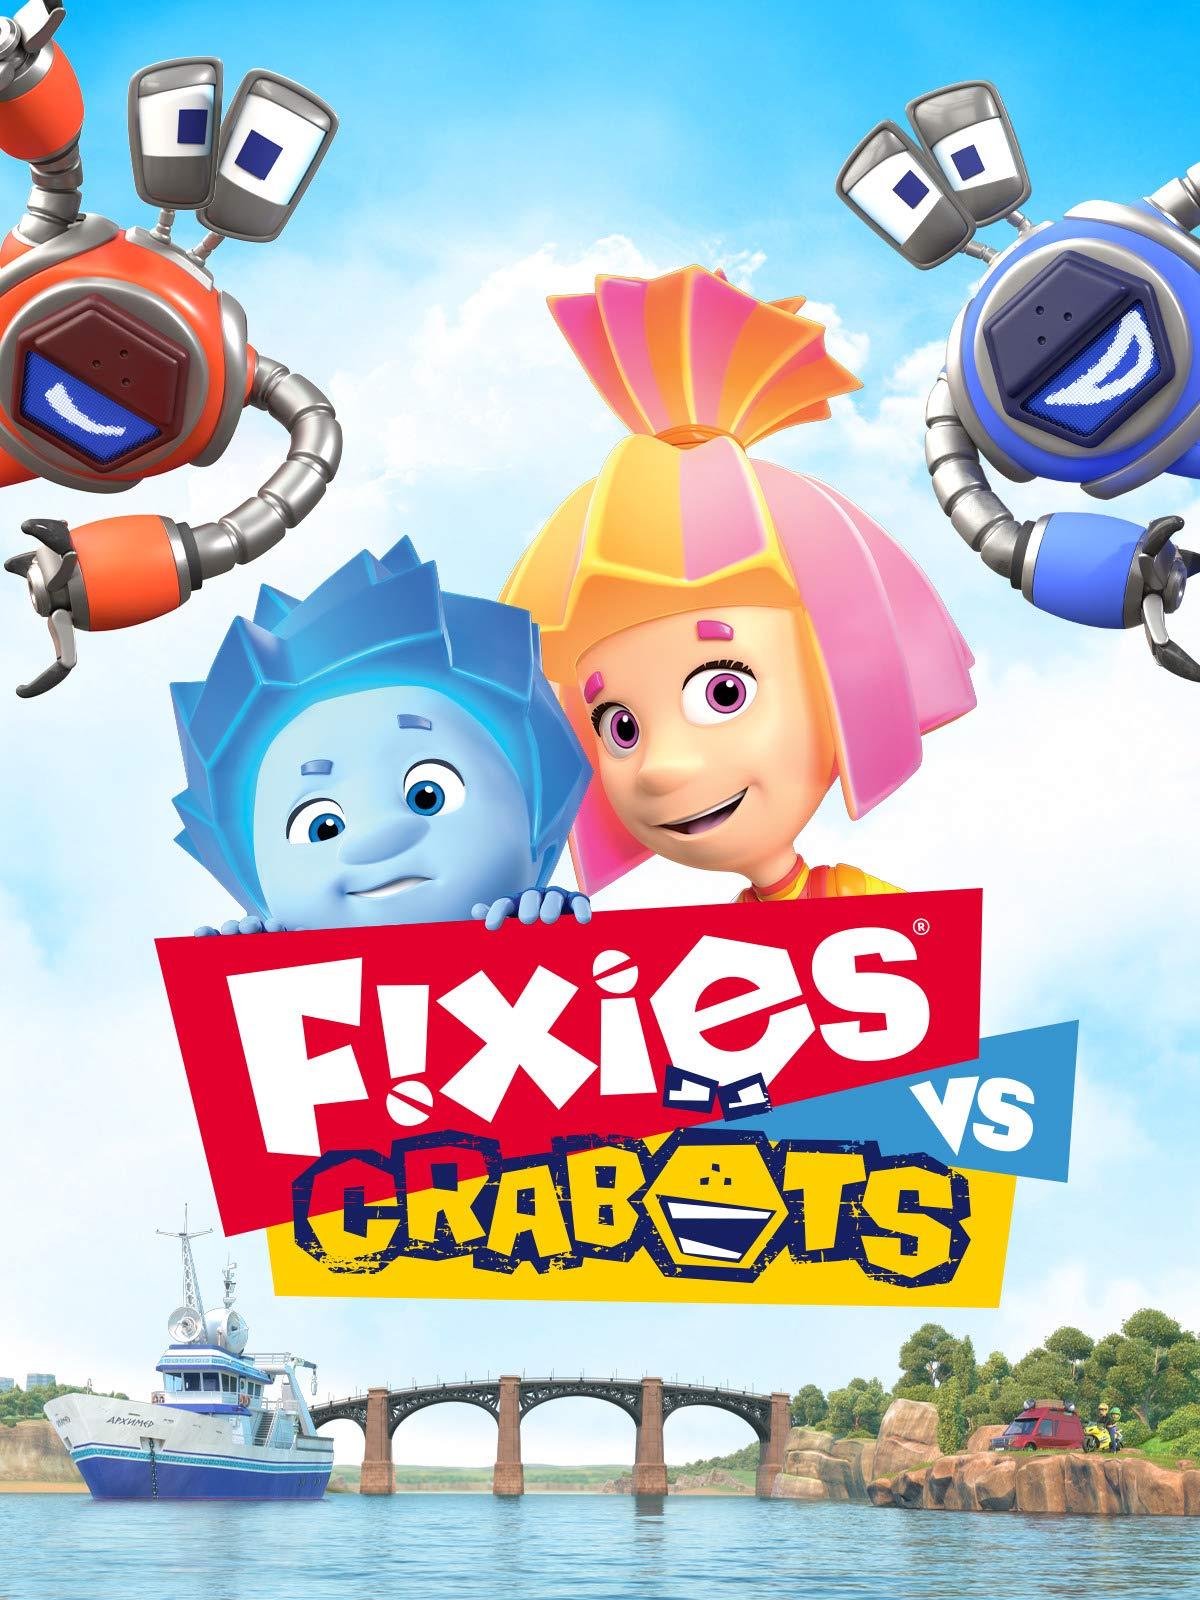 Fixies vs. Crabots